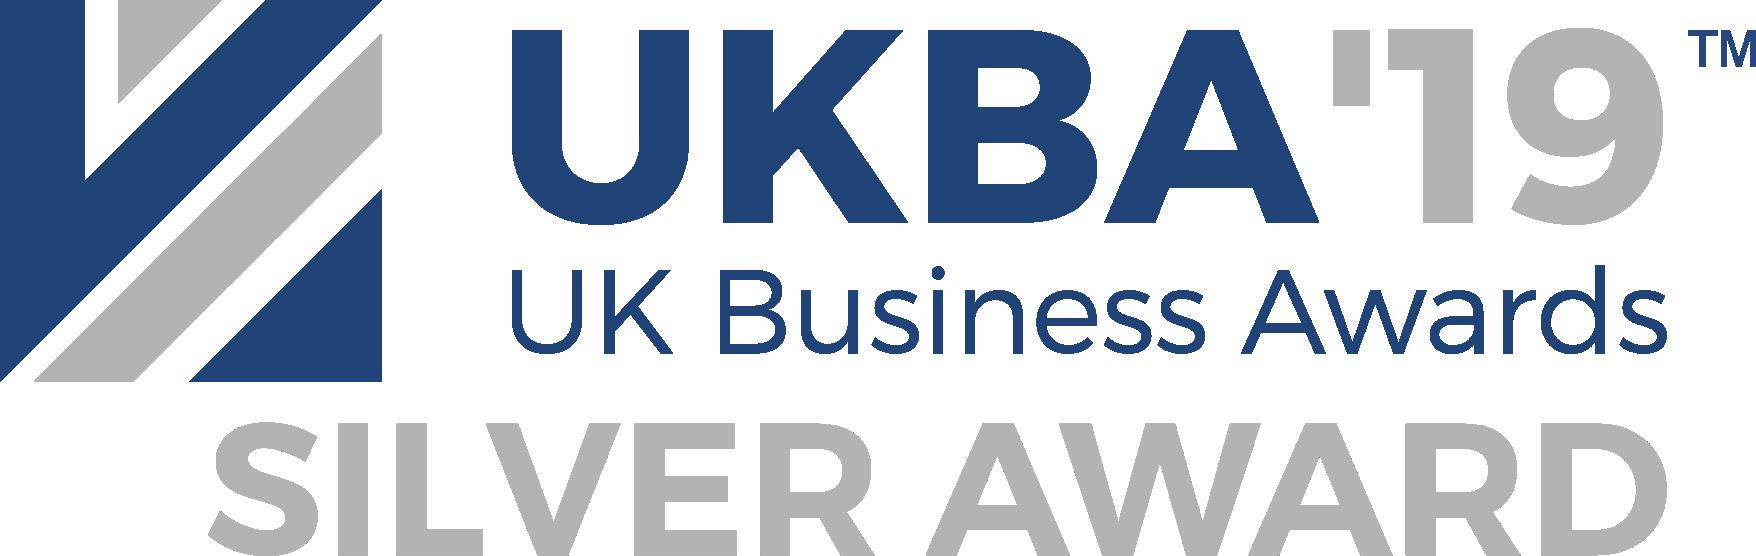 UKBA19 Silver Award